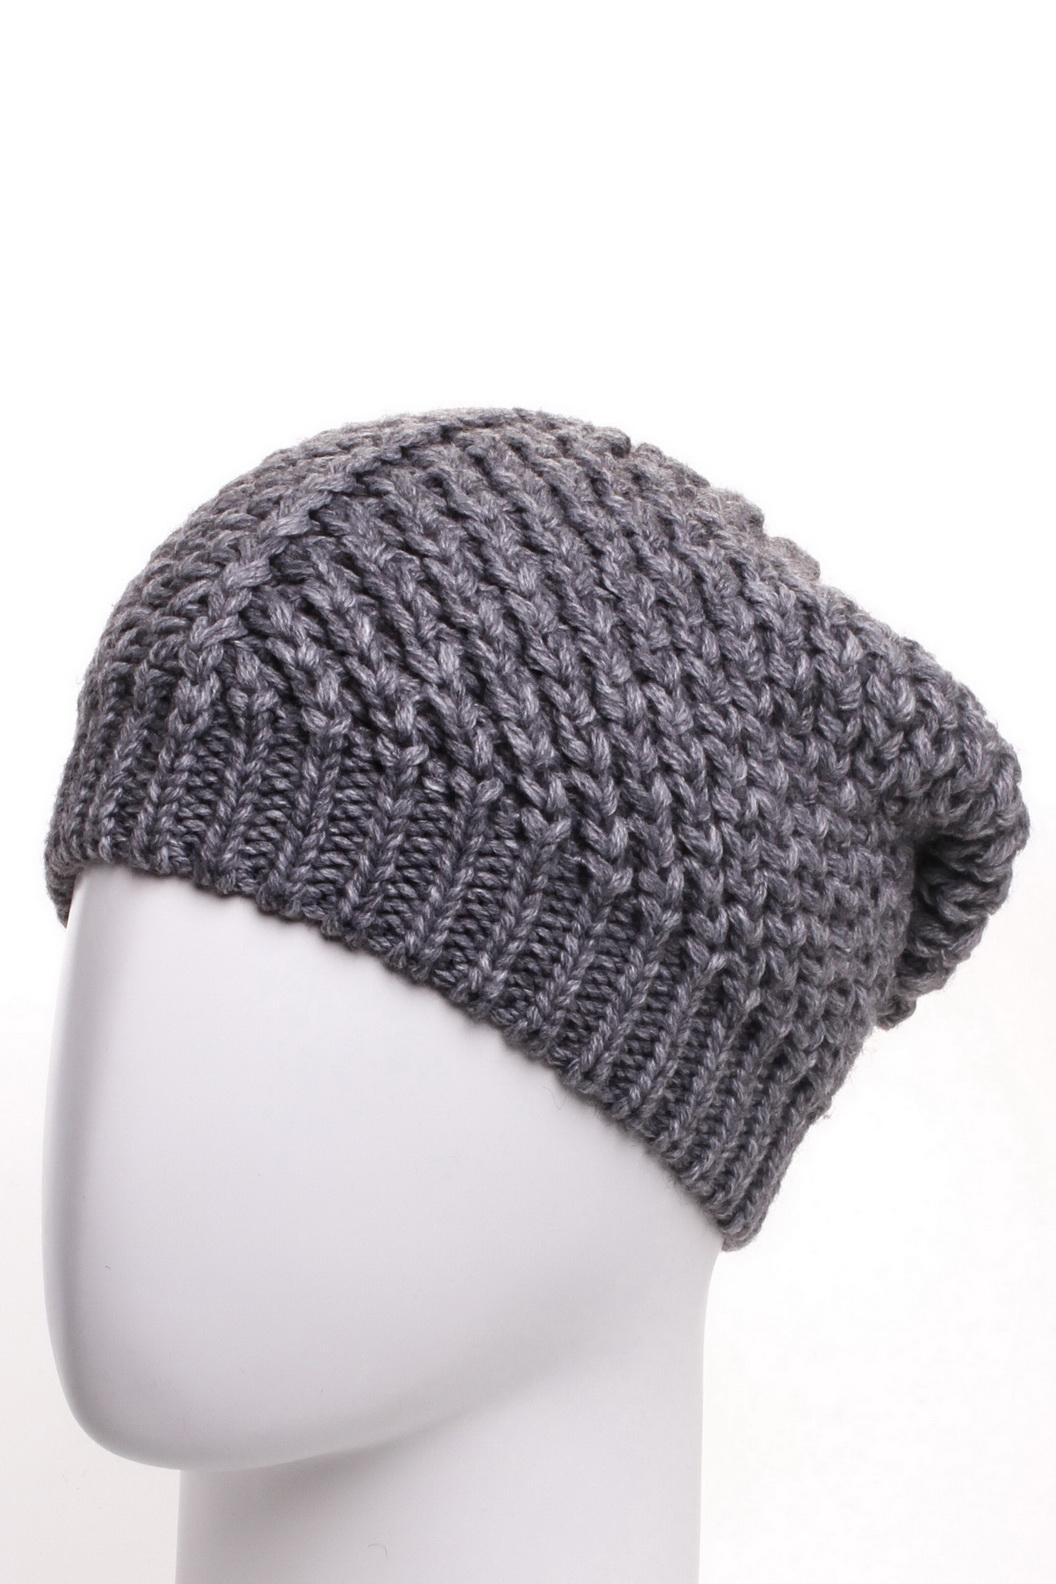 ШапкаШапки<br>Модная шапка крупной вязки подарит Вам тепло и комфорт.  Стильный аксессуар подчеркнет Вашу женственность и станет прекрасным дополнением Вашего образа.  Цвет: серый<br><br>По материалу: Вязаные,Трикотаж<br>По рисунку: Однотонные<br>По сезону: Зима<br>Размер : universal<br>Материал: Вязаное полотно<br>Количество в наличии: 1